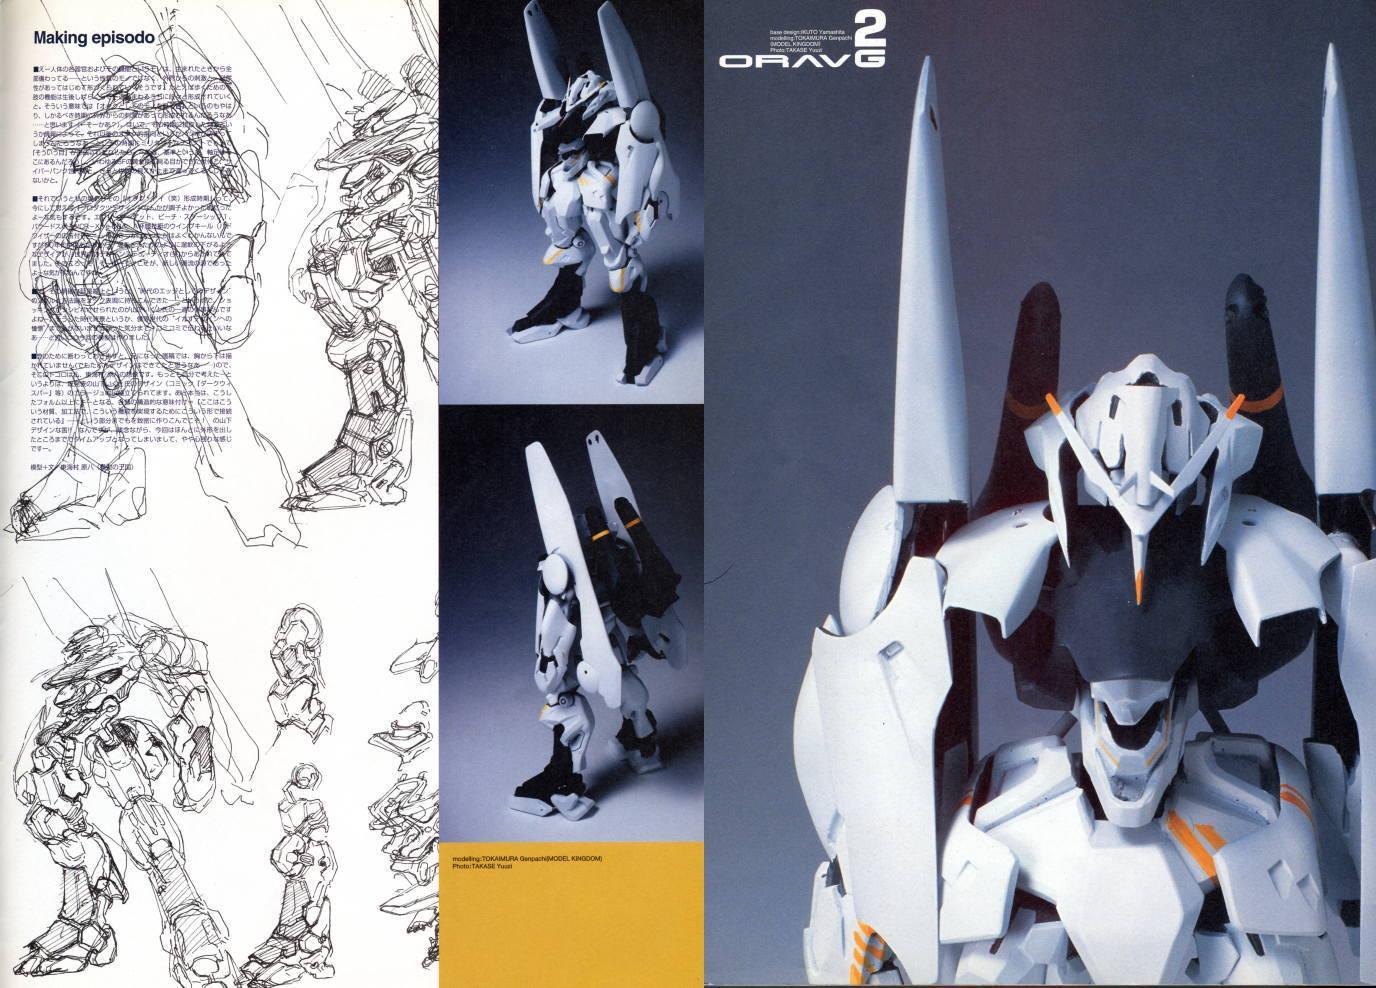 Ikuto_Yamashita_?_Gundam.jpeg (JPEG Image, 1376×988 pixels) - Scaled (72%)